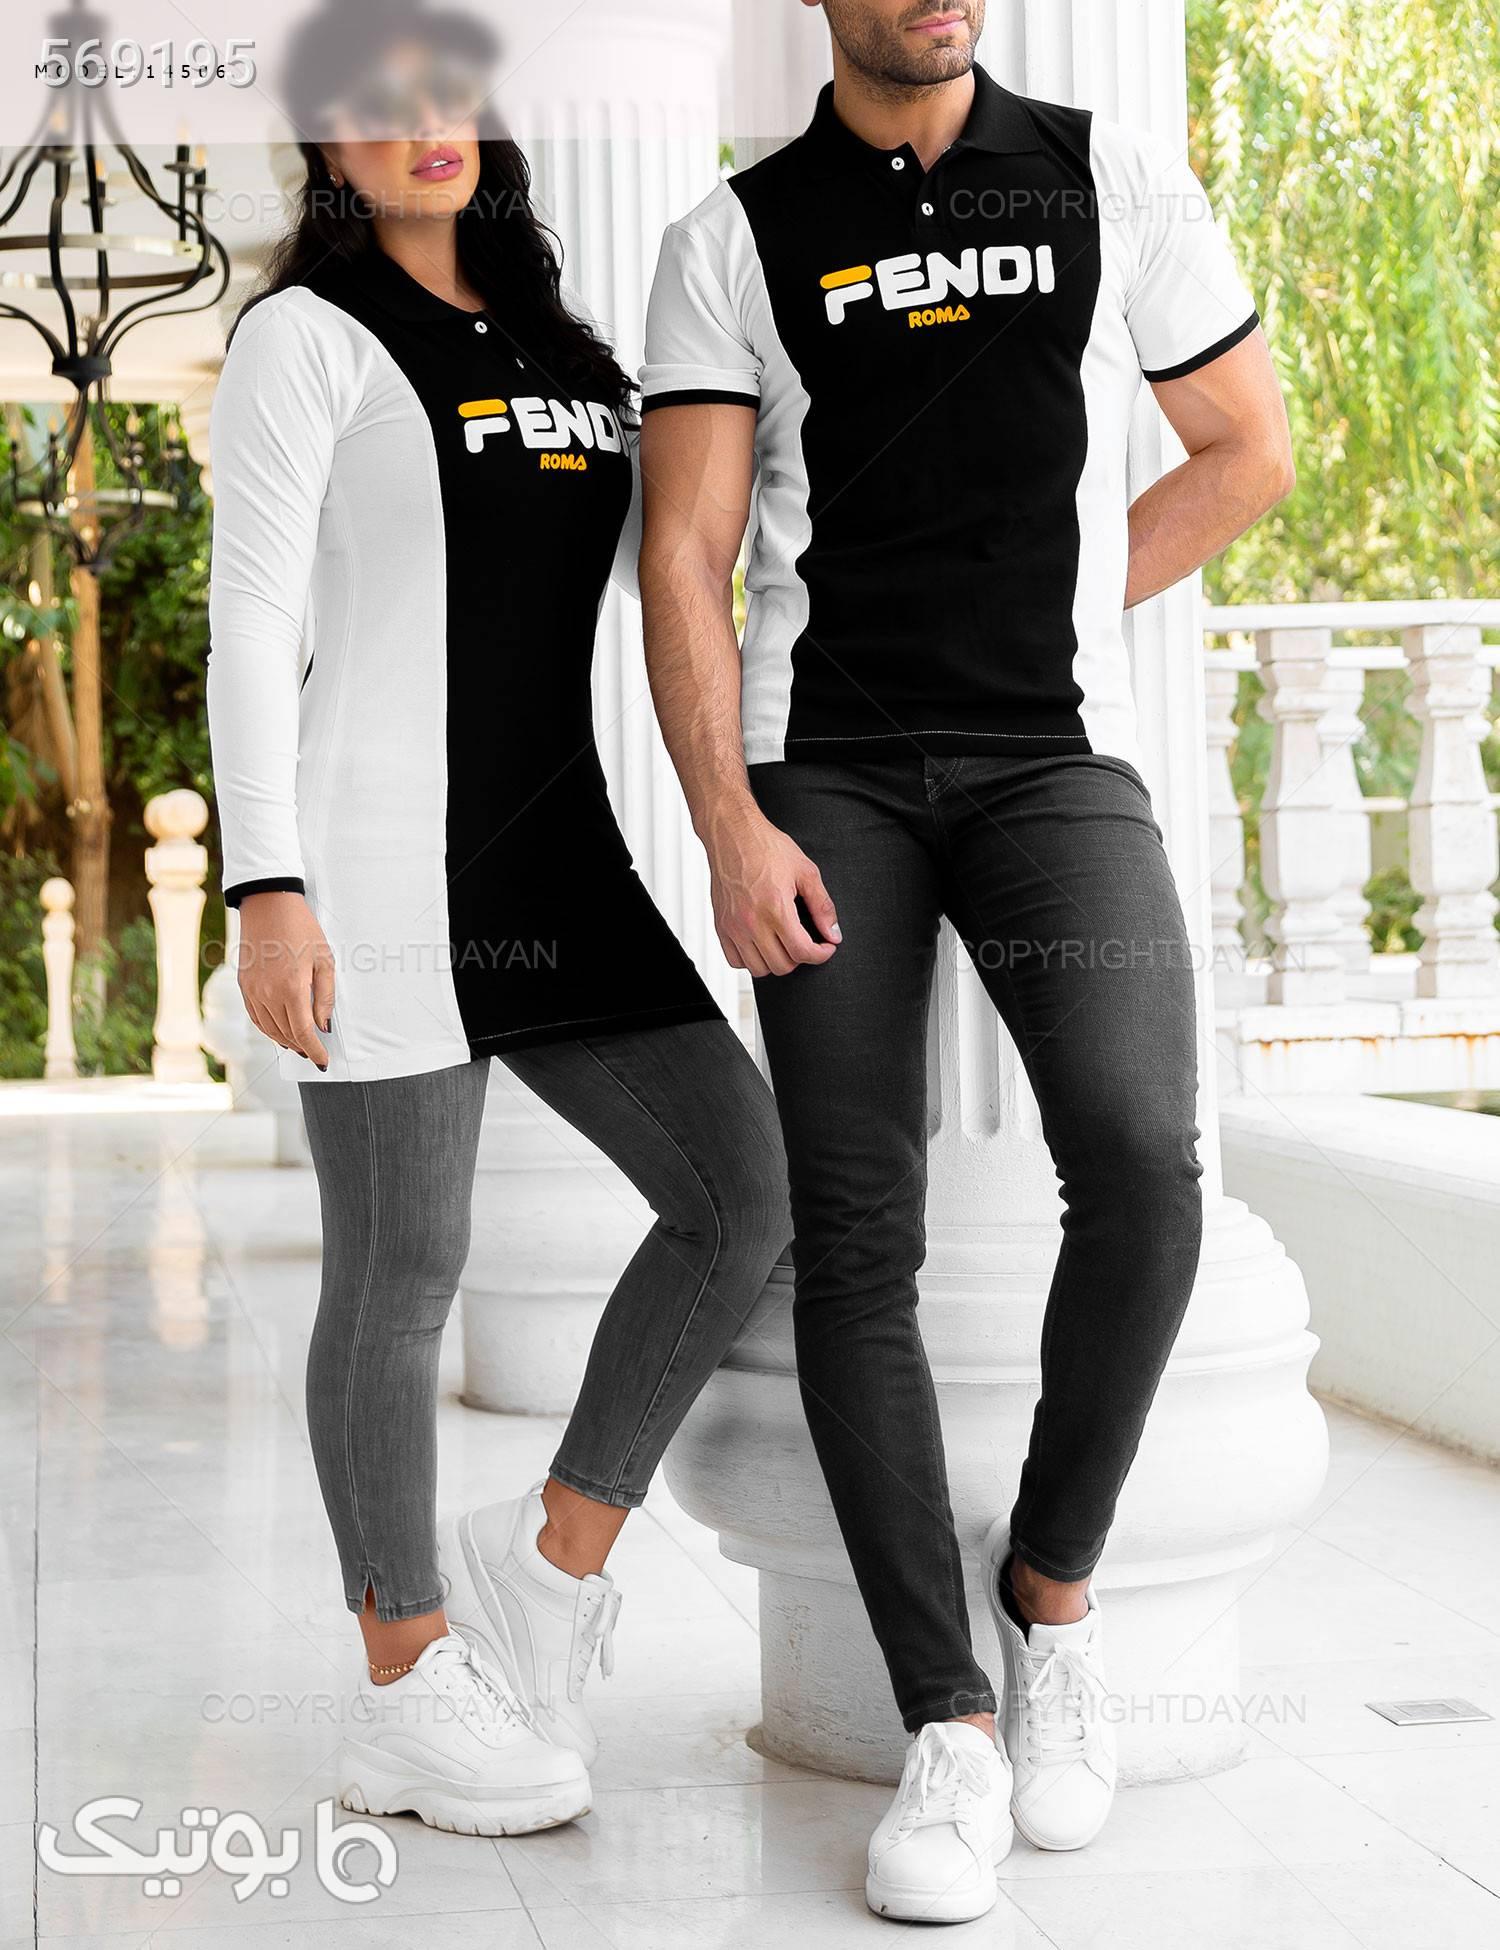 ست دونفره Fendi مدل 14506 مشکی تی شرت و پولو شرت مردانه